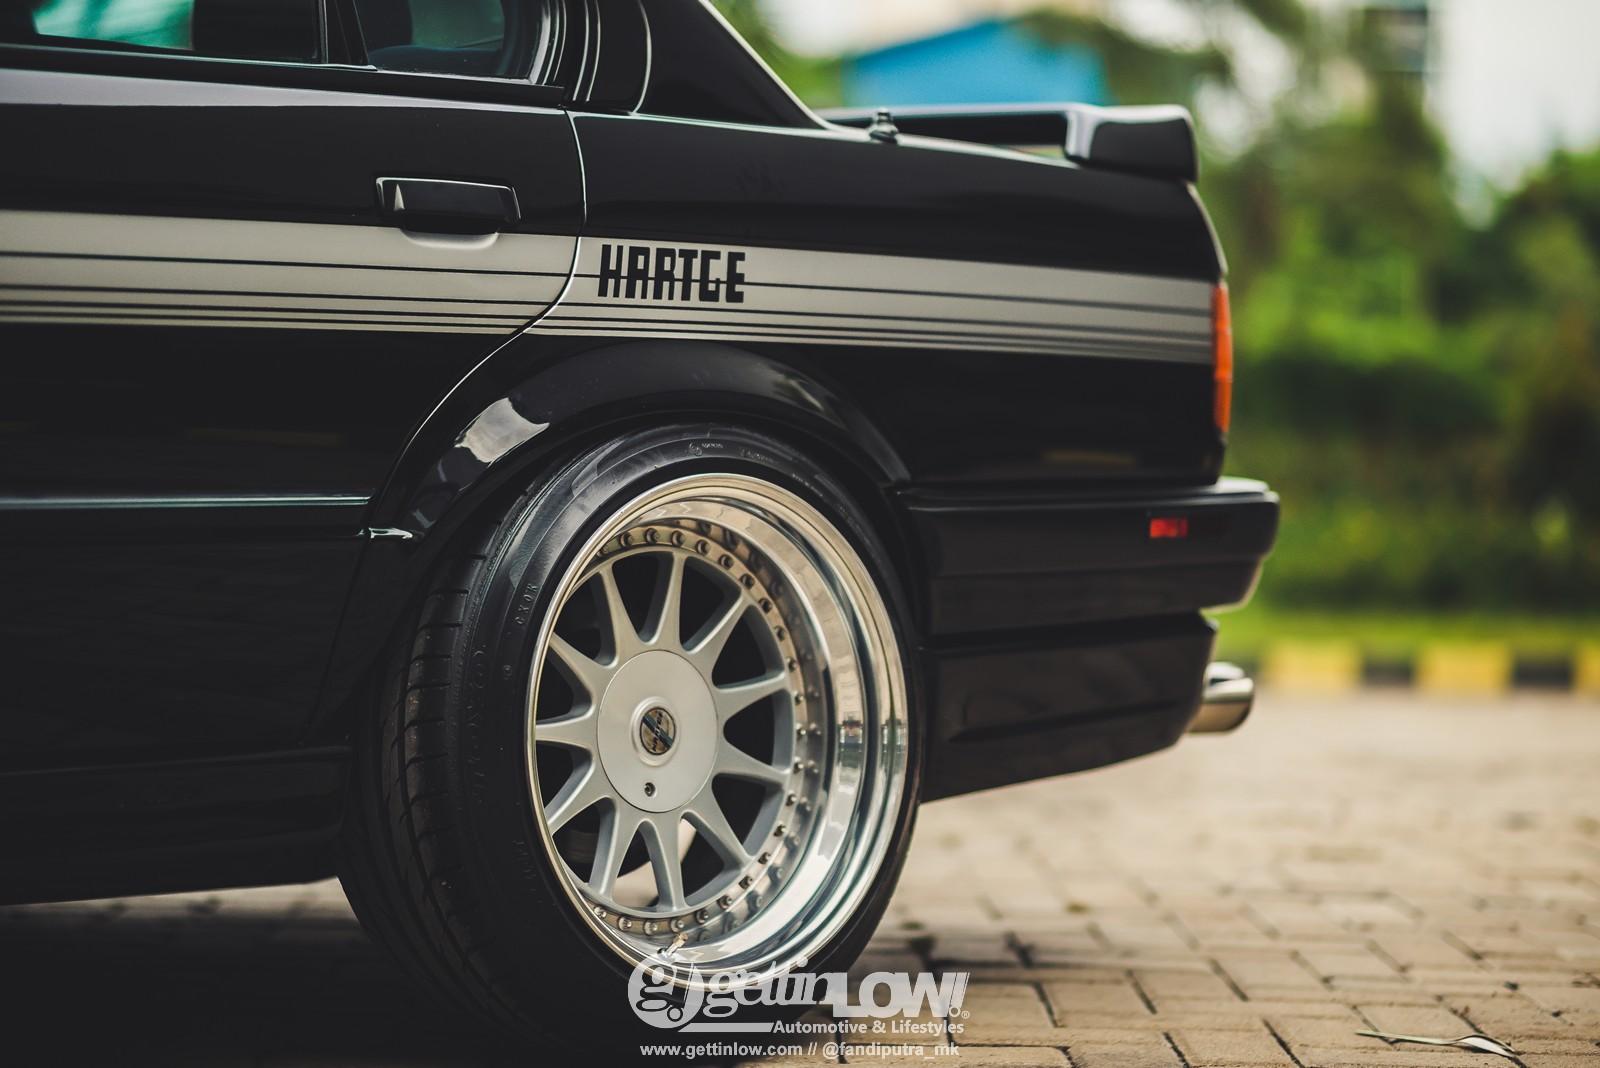 1991 BMW M40-E30